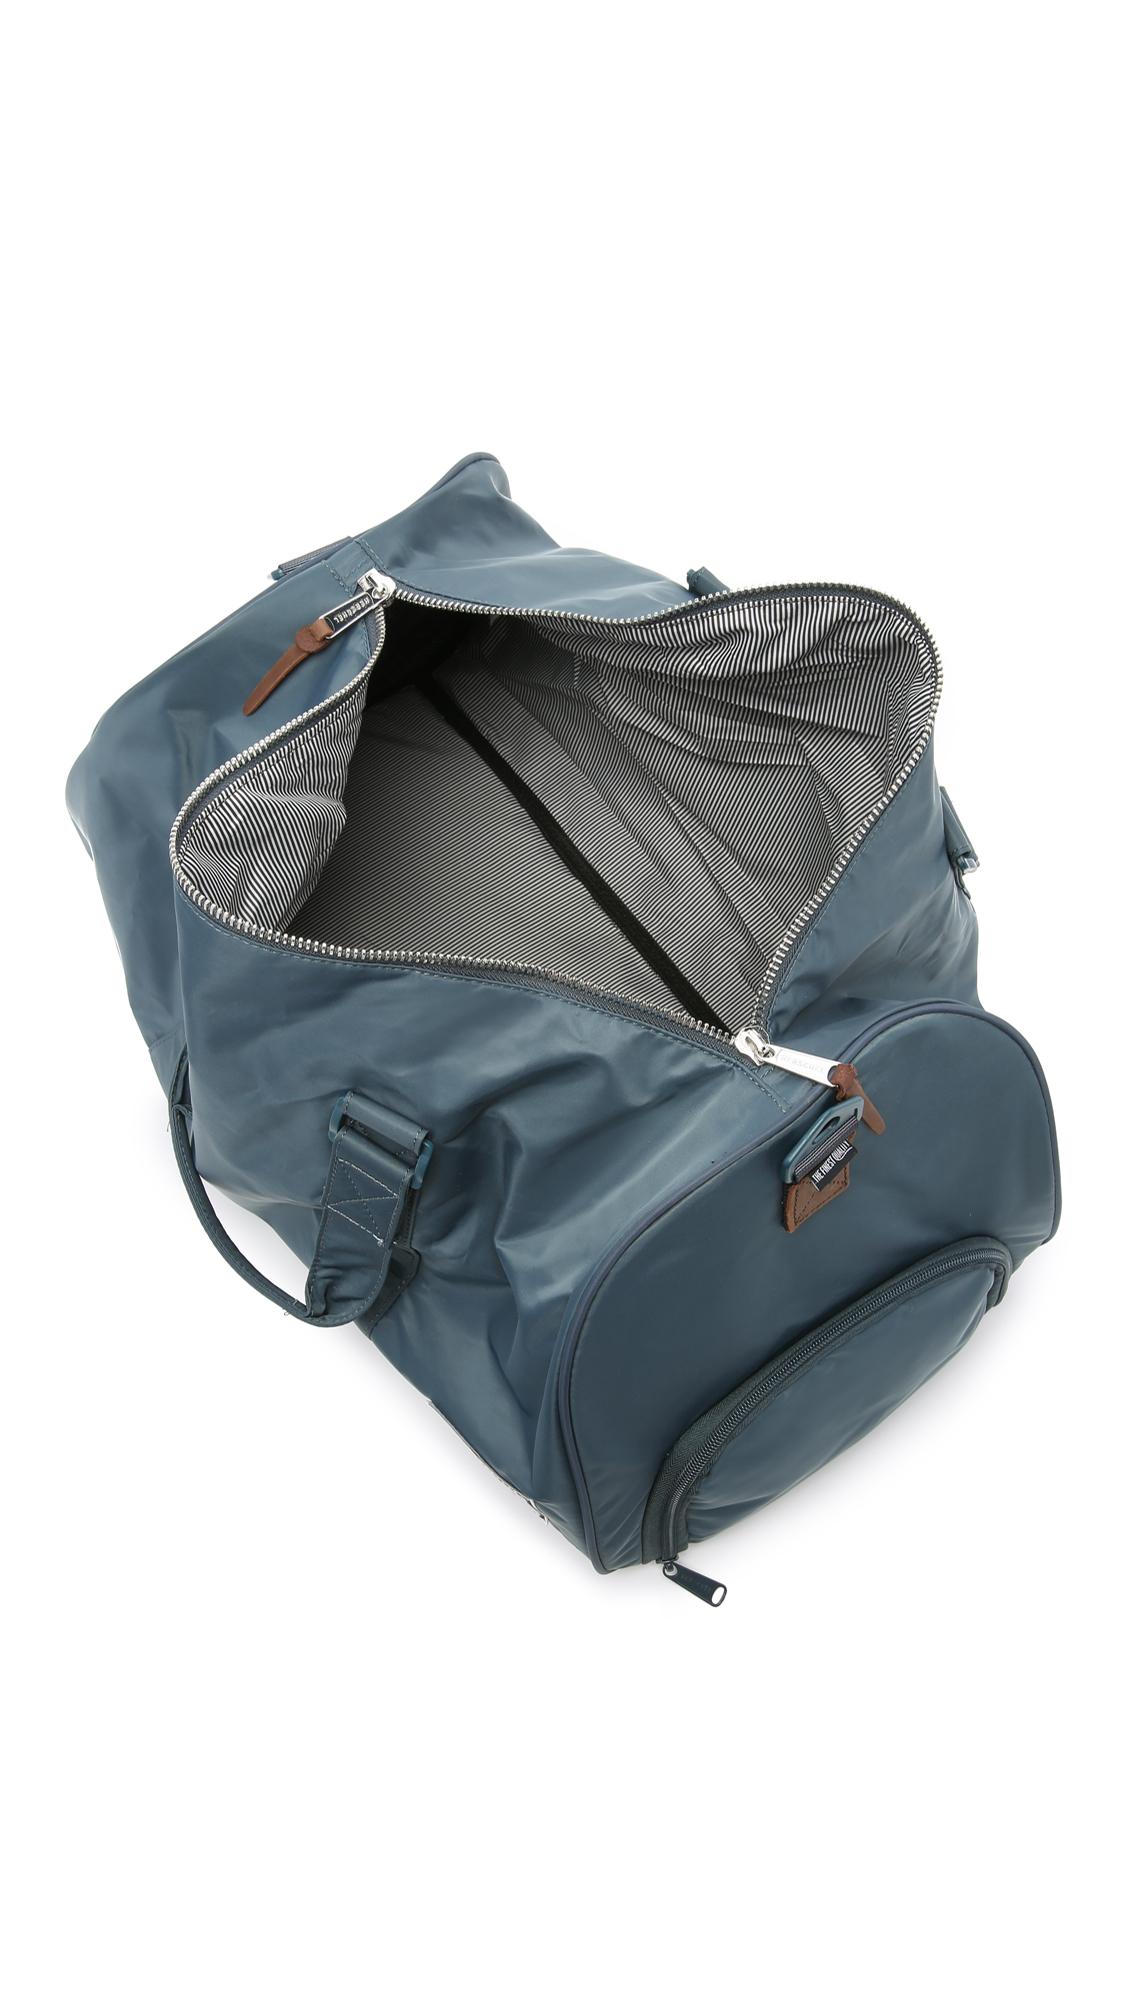 Herschel Supply Co. Novel Nylon Duffel Bag in Blue for Men - Lyst 67bd0aa0a3c08